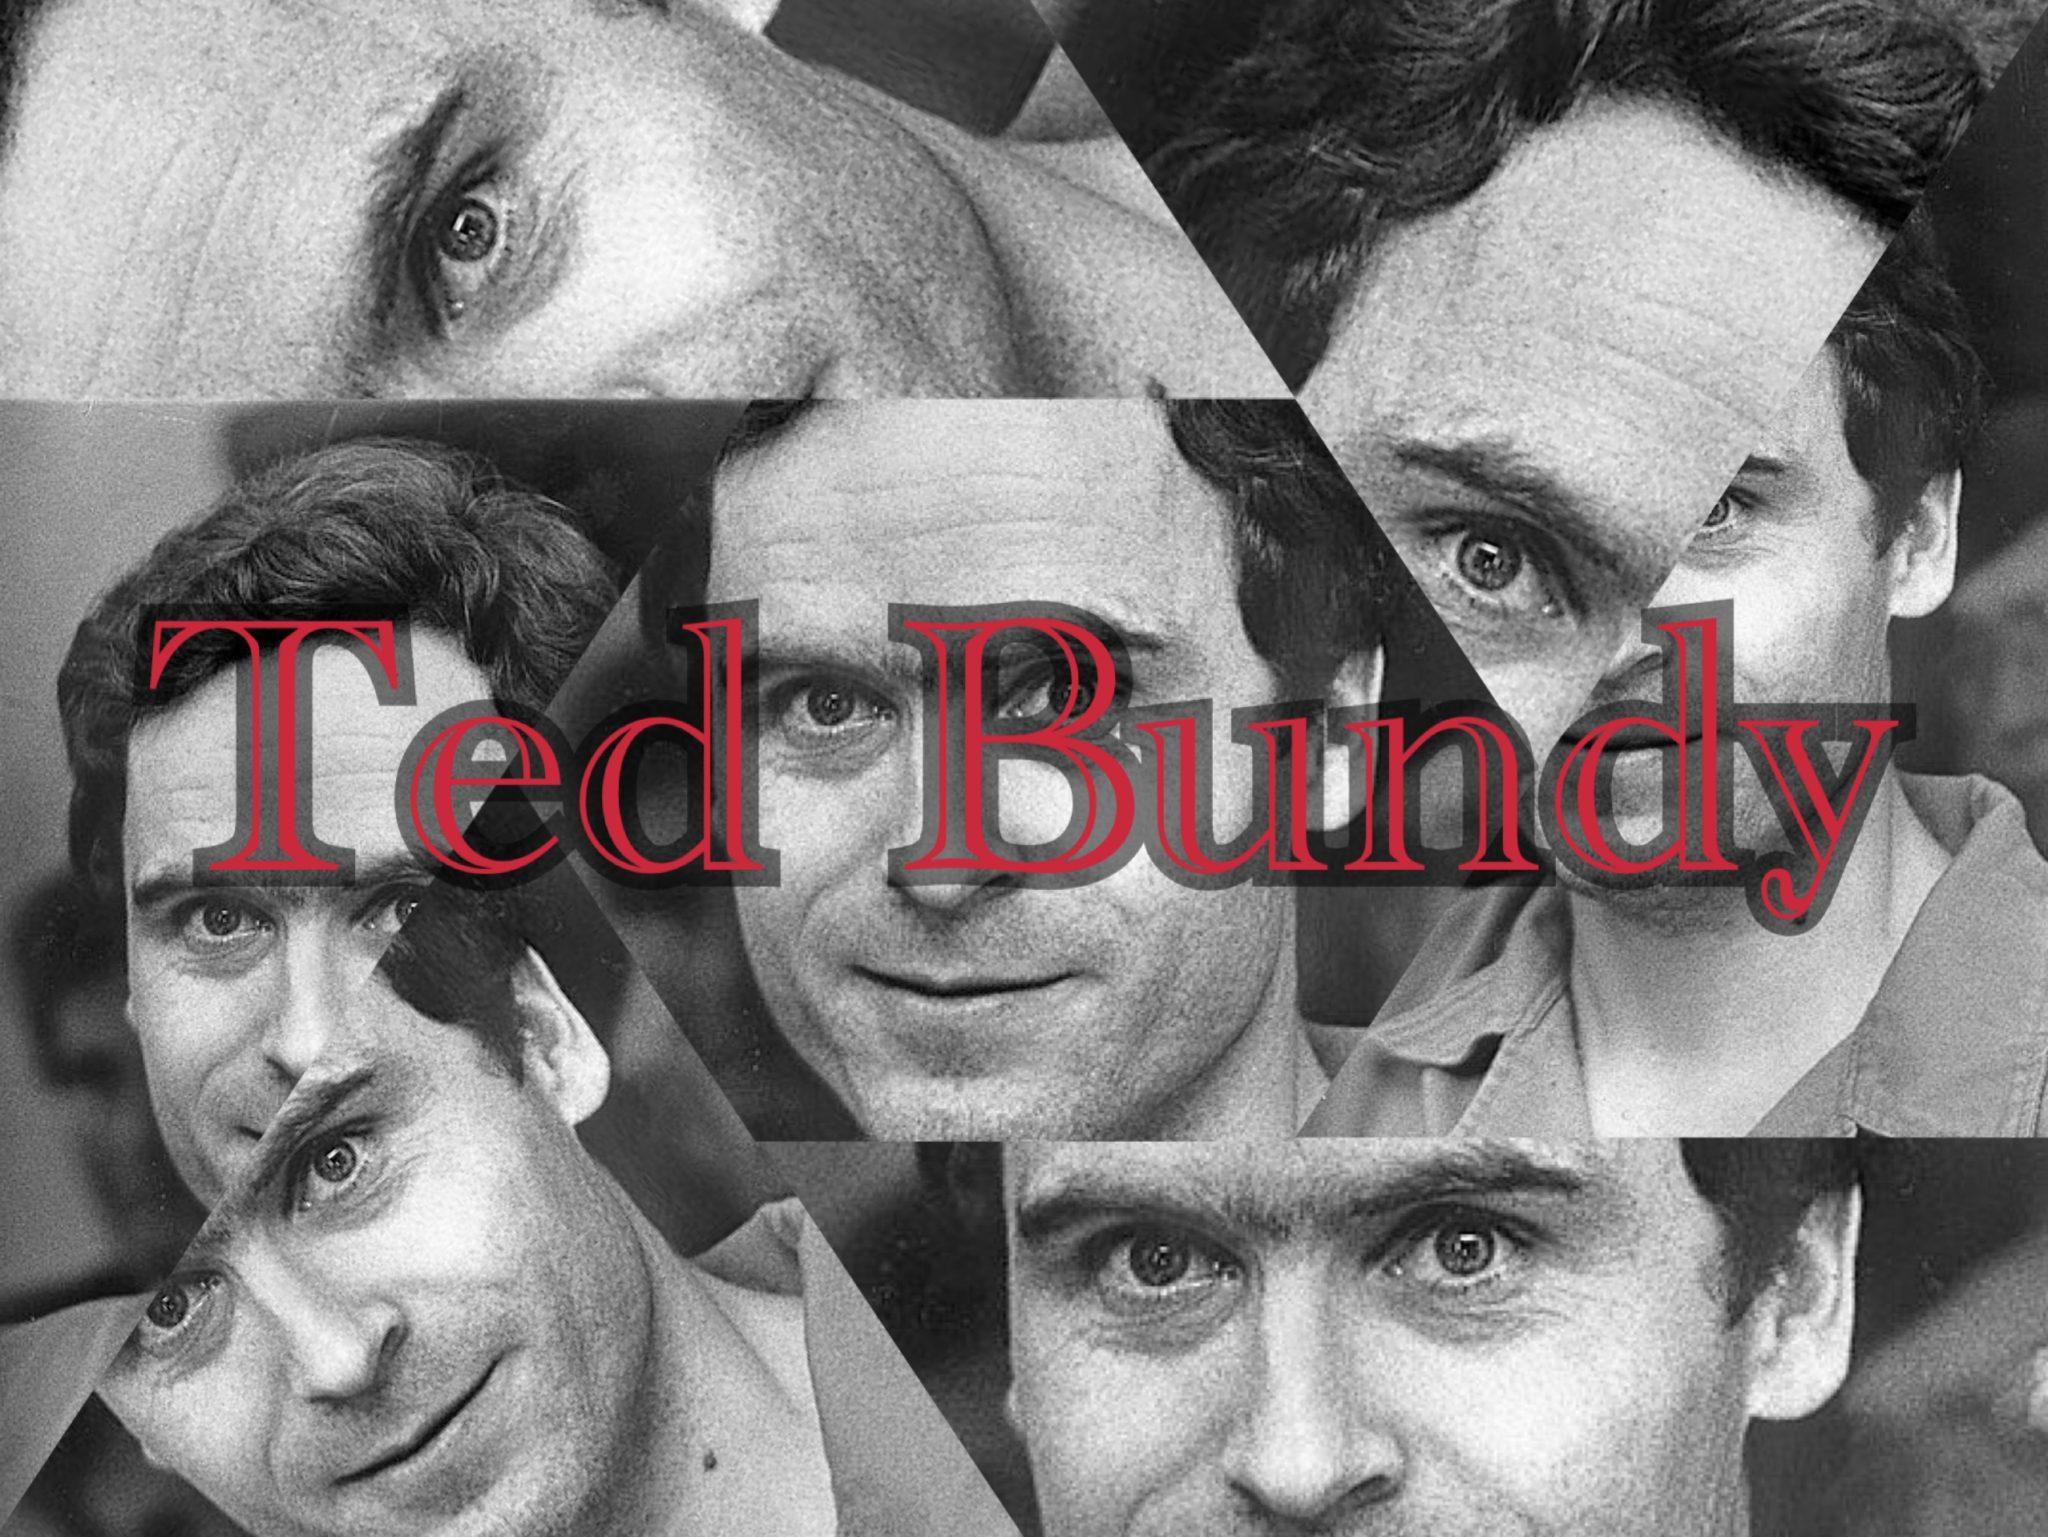 【辛口オネエ】話題の人達(2)映画化されたシリアルキラー『テッド・バンディ』のカリスマ性と星回り